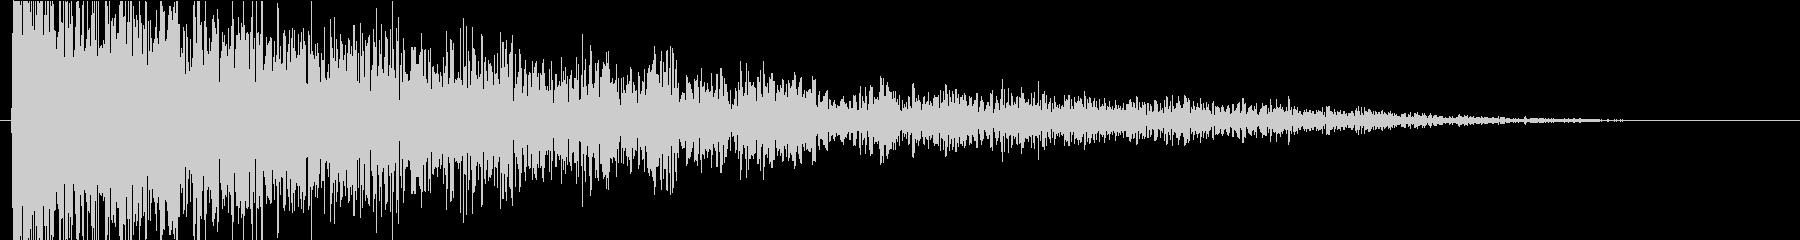 ドーン(巨大な衝撃音)音程A#の未再生の波形